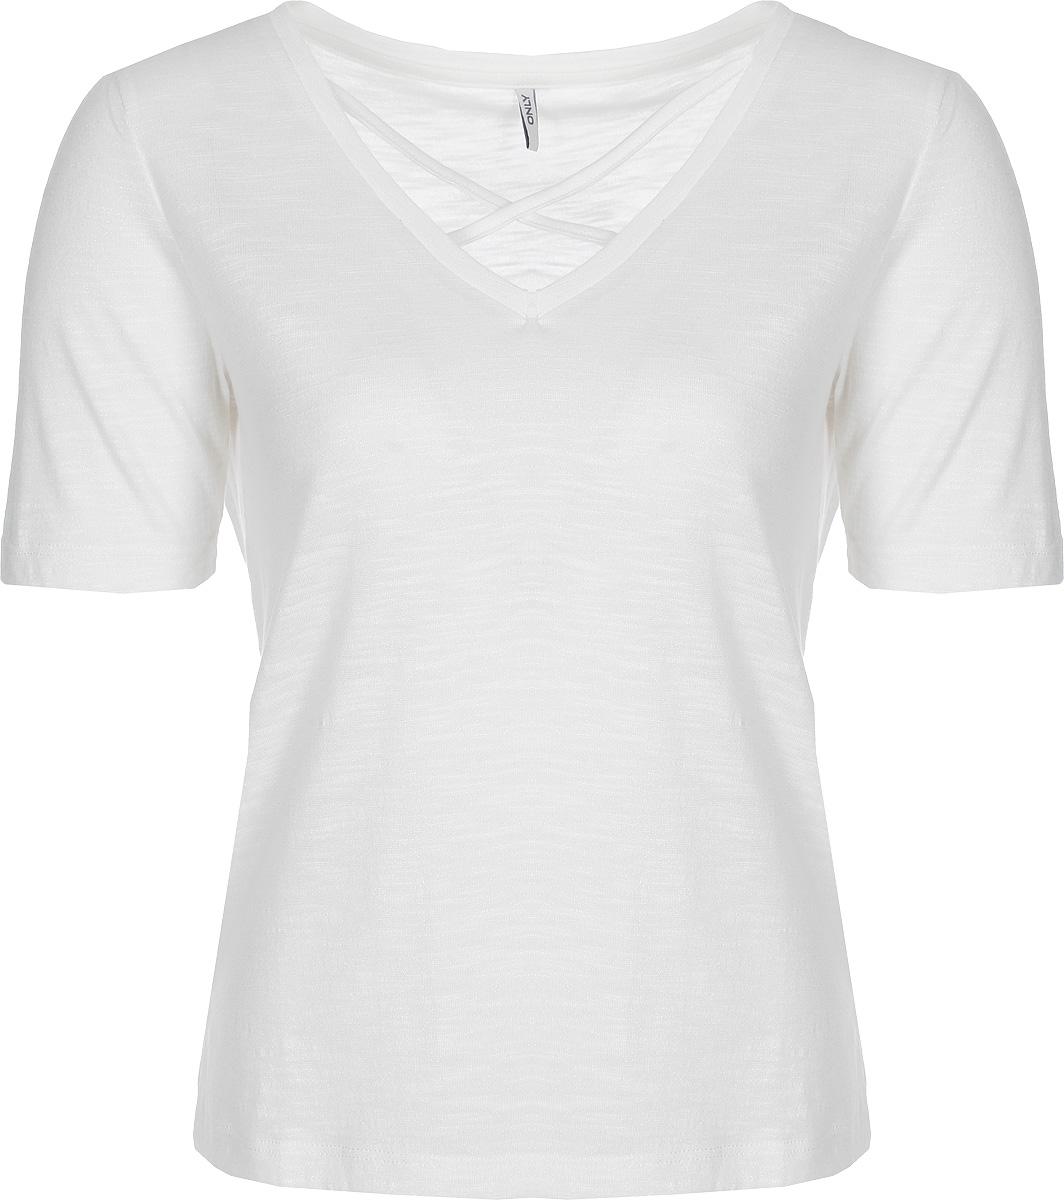 Блузка женская Only, цвет: белый. 15151006. Размер: XL(52)15151006Блузка от Only выполнена из полиэстера с добавлением вискозы. Модель с короткими рукавами и V-образным вырезом горловины.